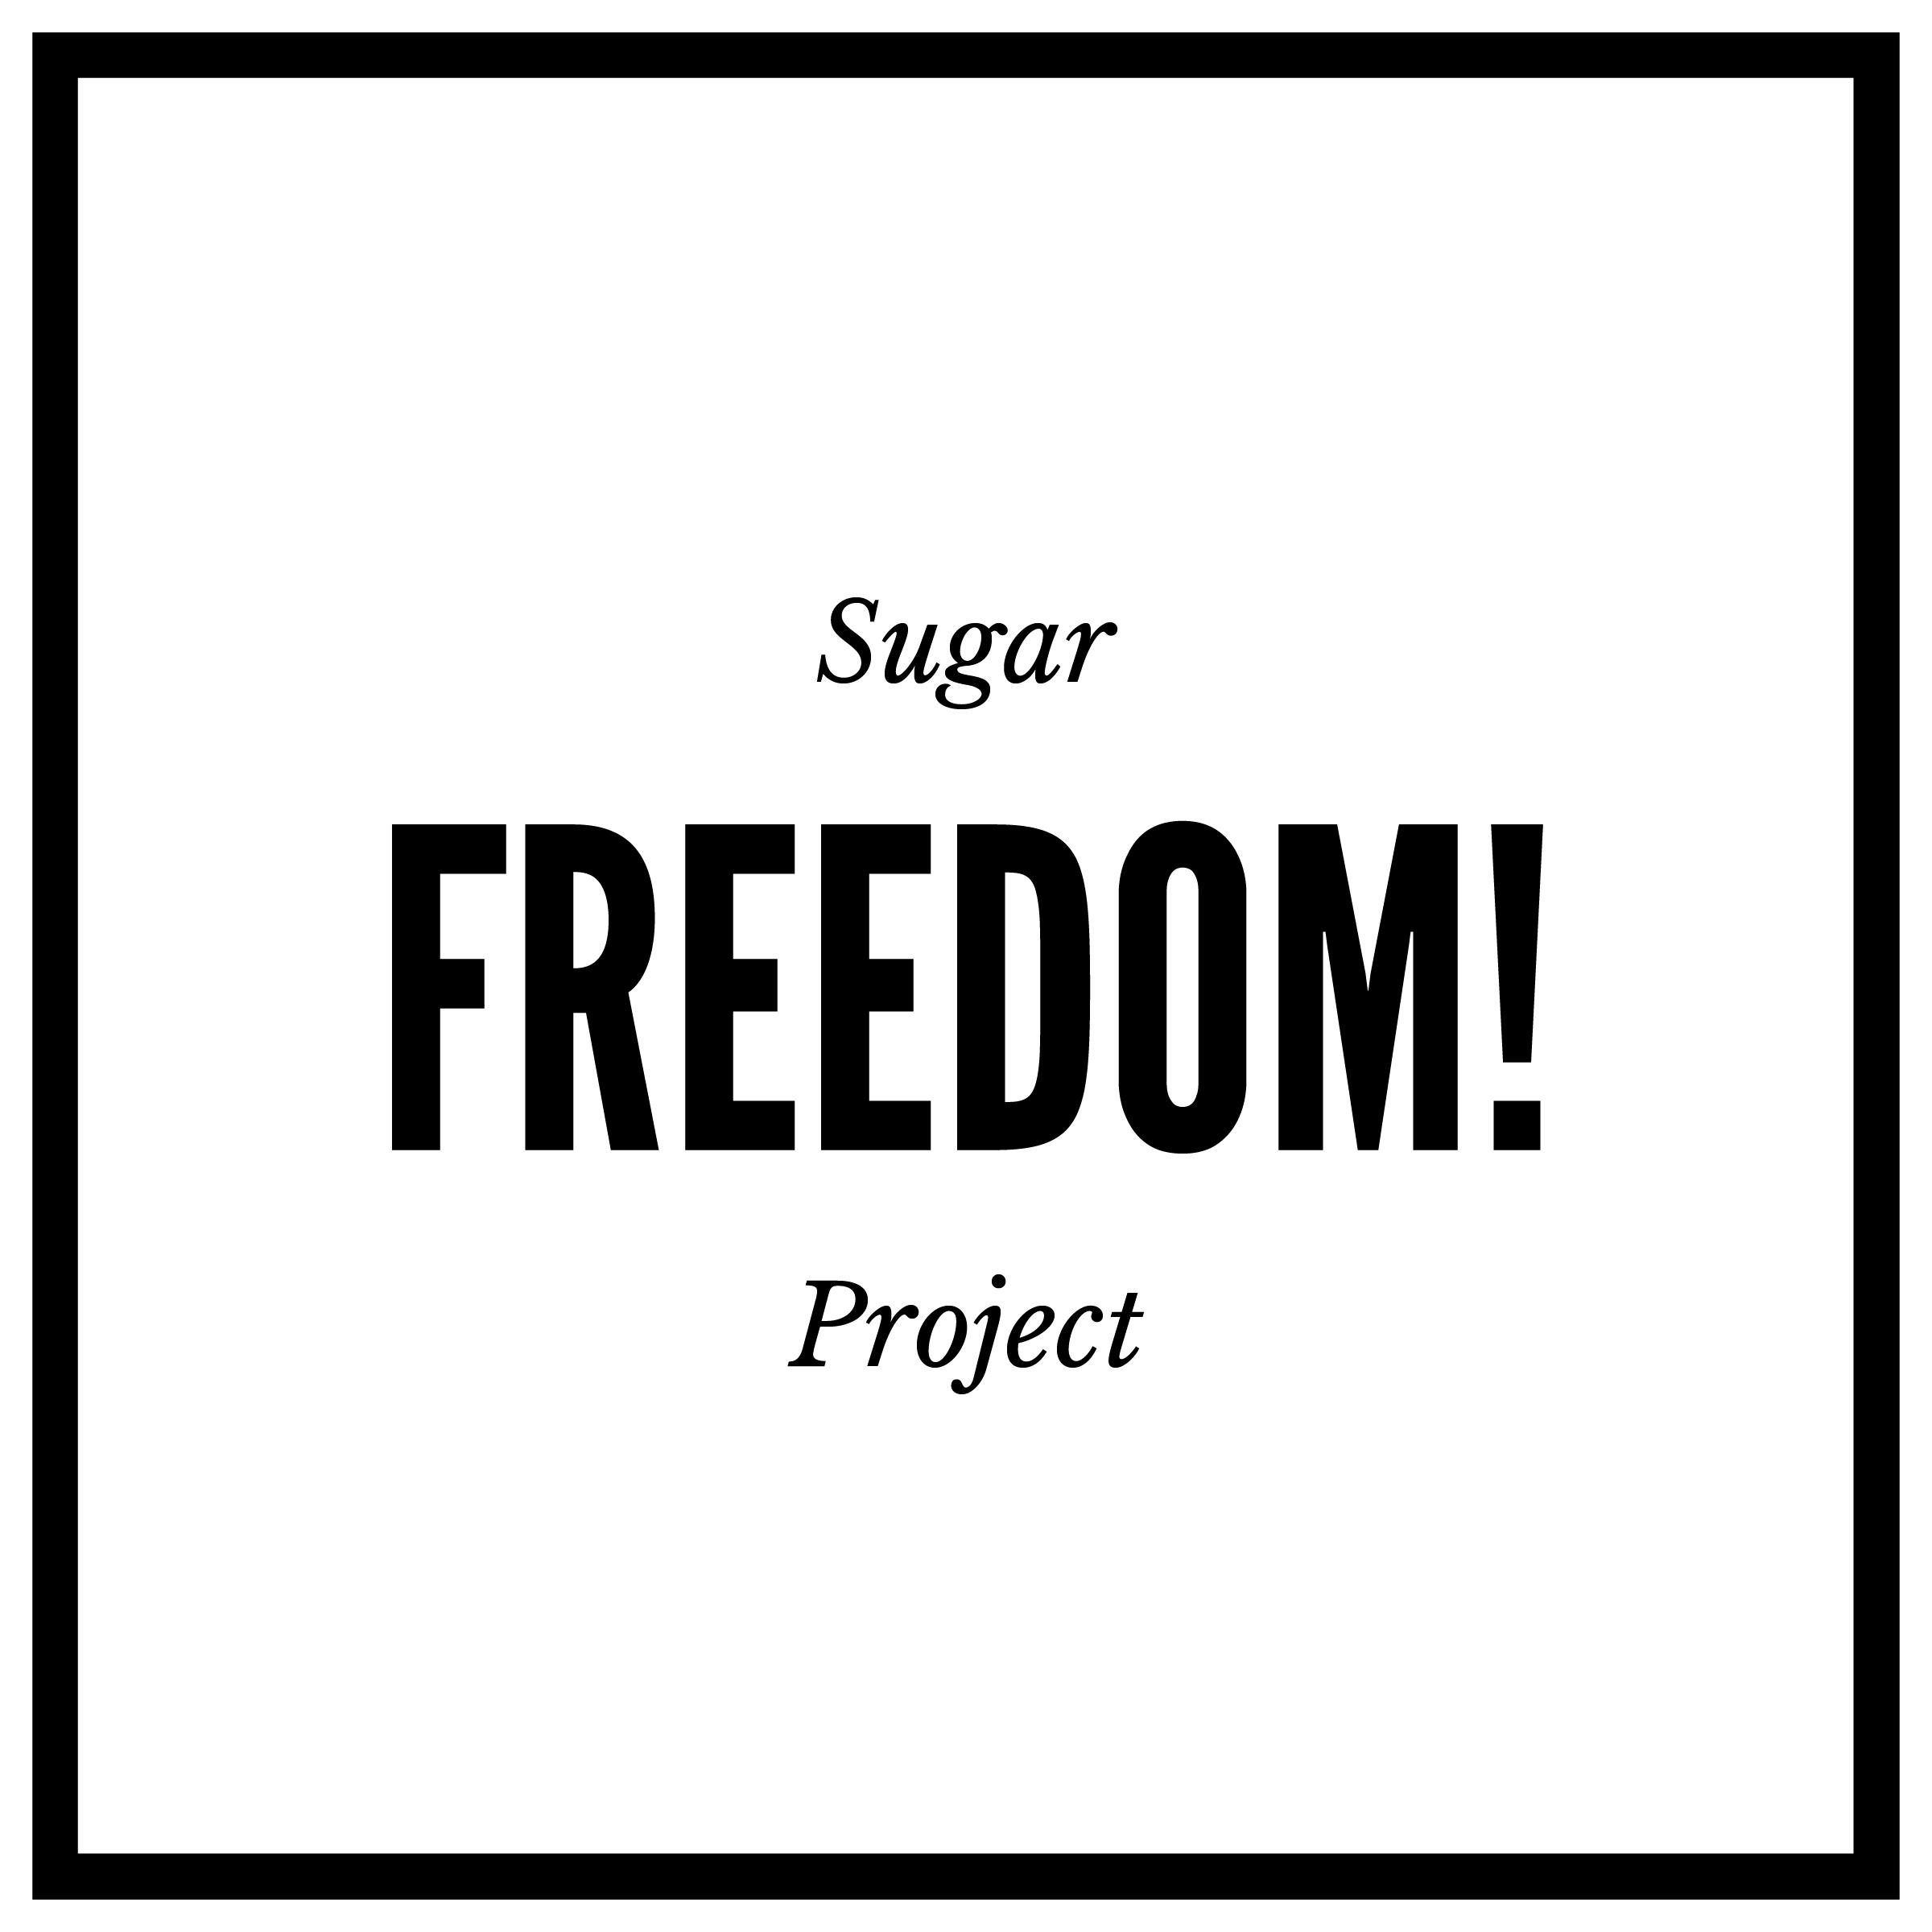 Sugar Freedom Project